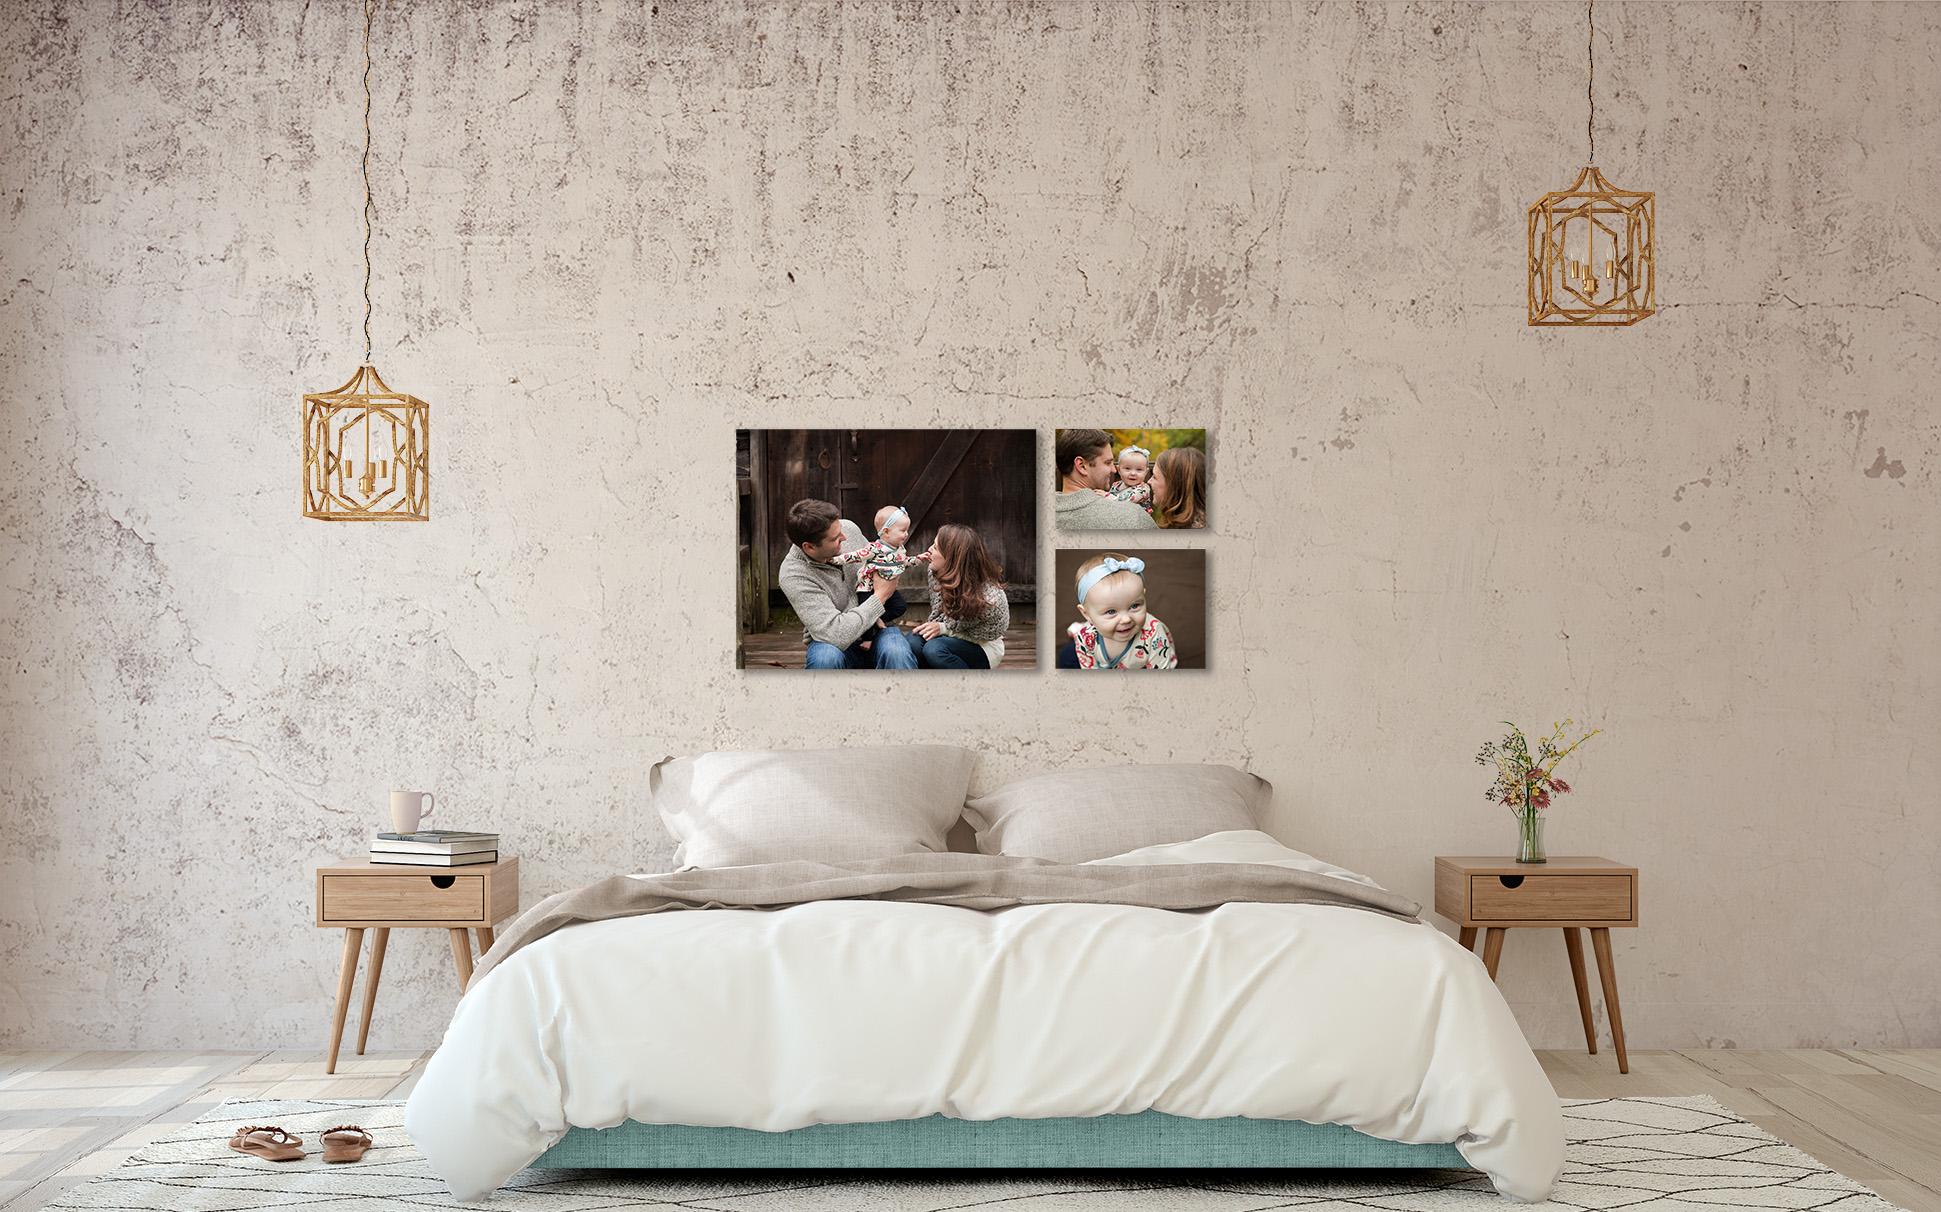 Wall Art Wednesday Part Deaux | Ann Arbor Photographer